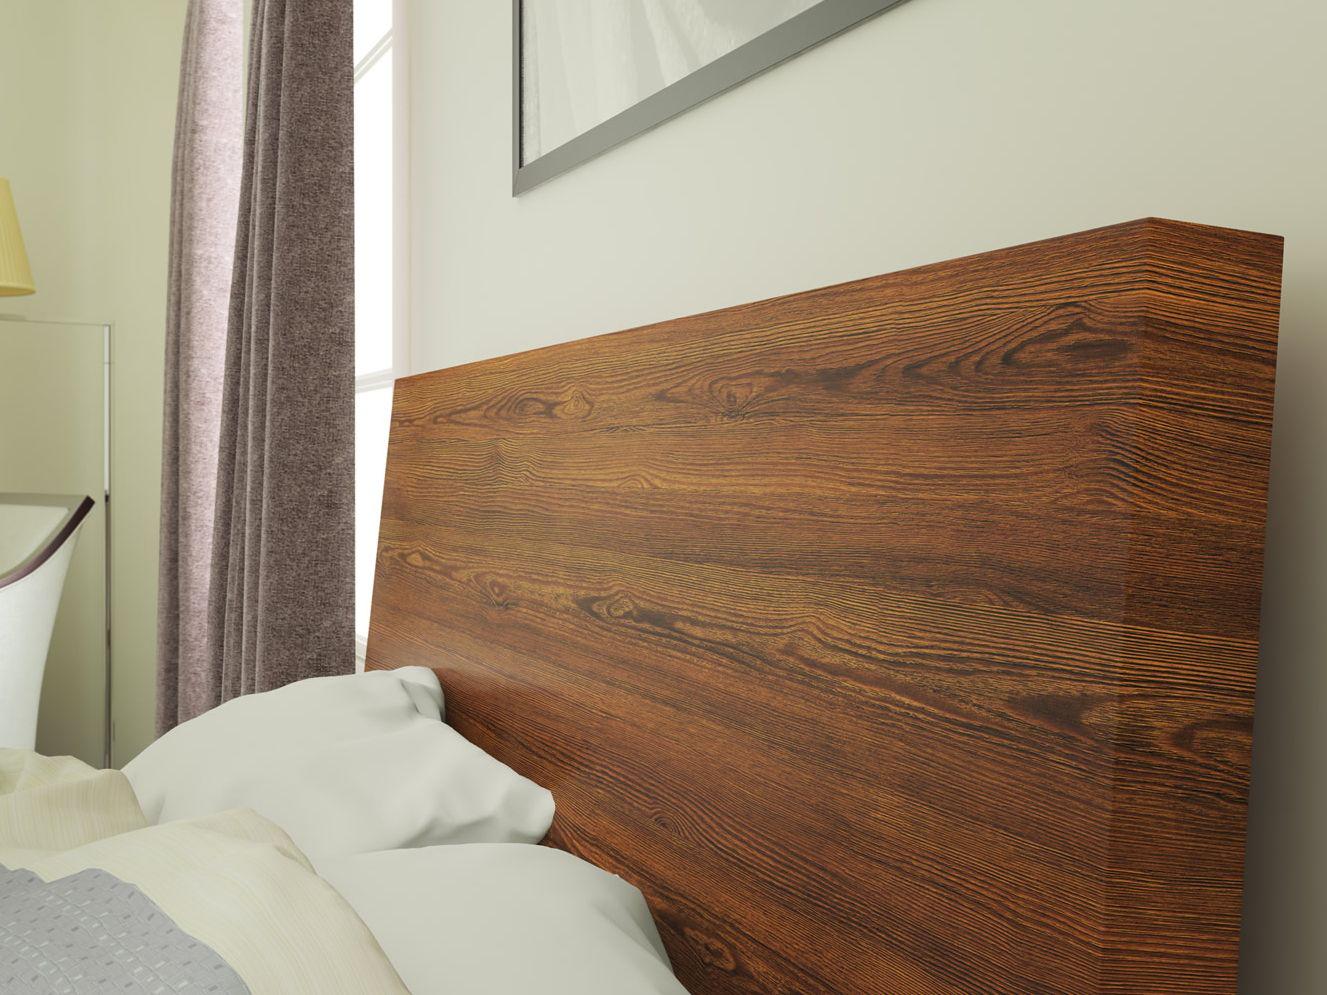 Revetement autocollant pour meuble meilleures images d 39 inspiration pour - Revetement pour meuble ...